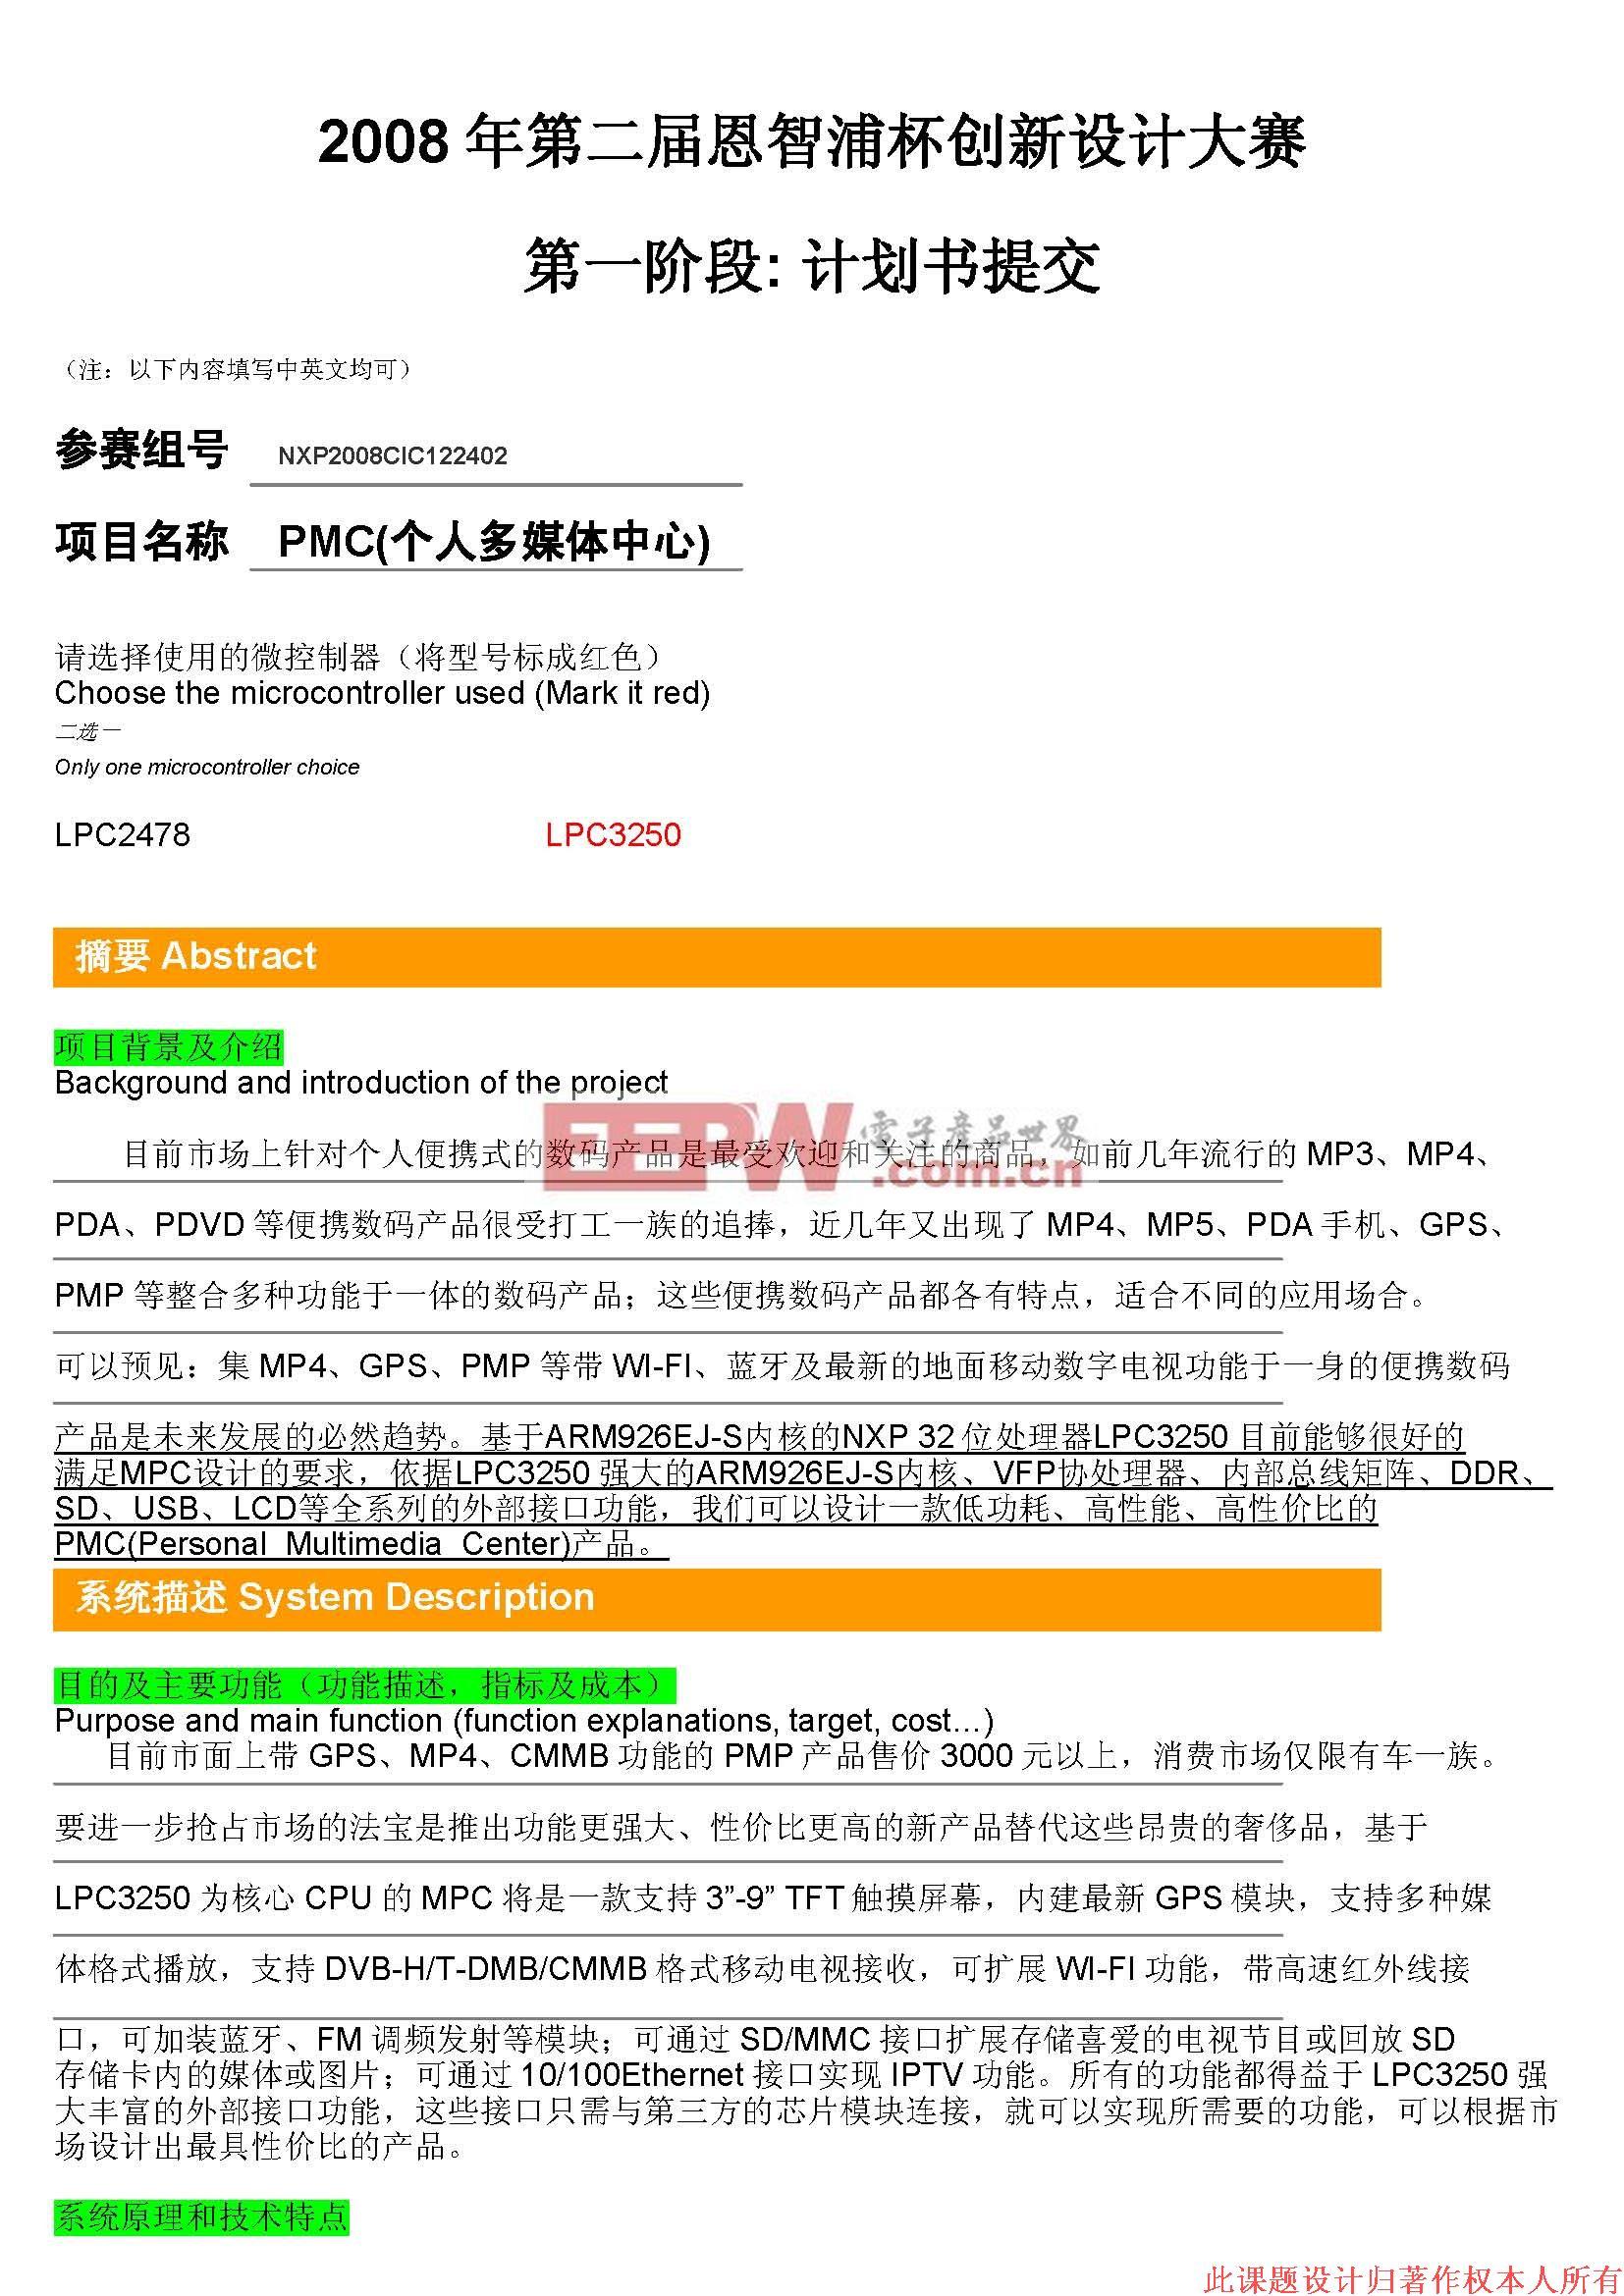 PMC(个人多媒体中心)电路图